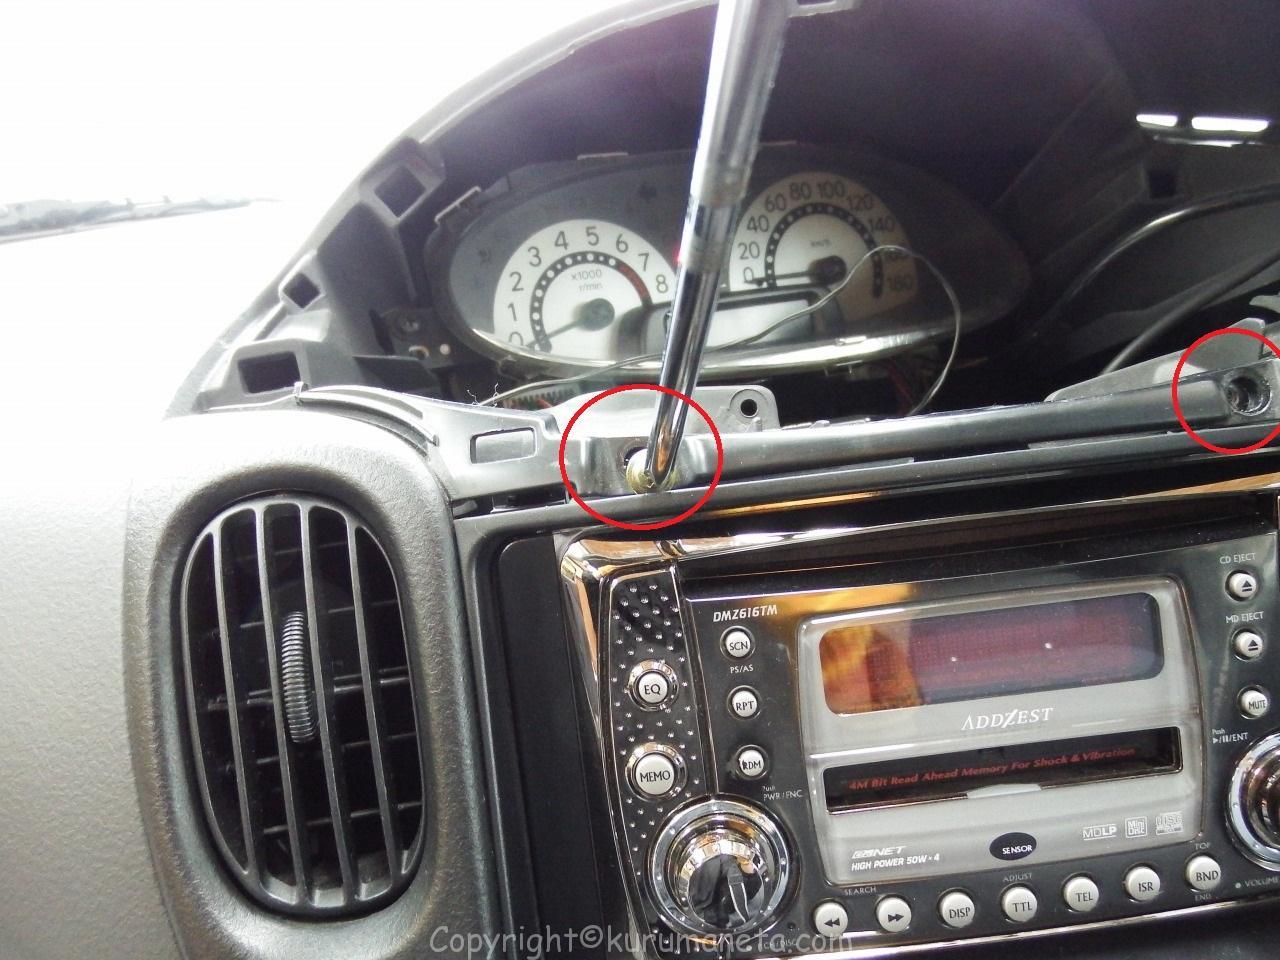 トヨタ、ファンカーゴのカーナビ・オーディオ交換・取付・取外し方法